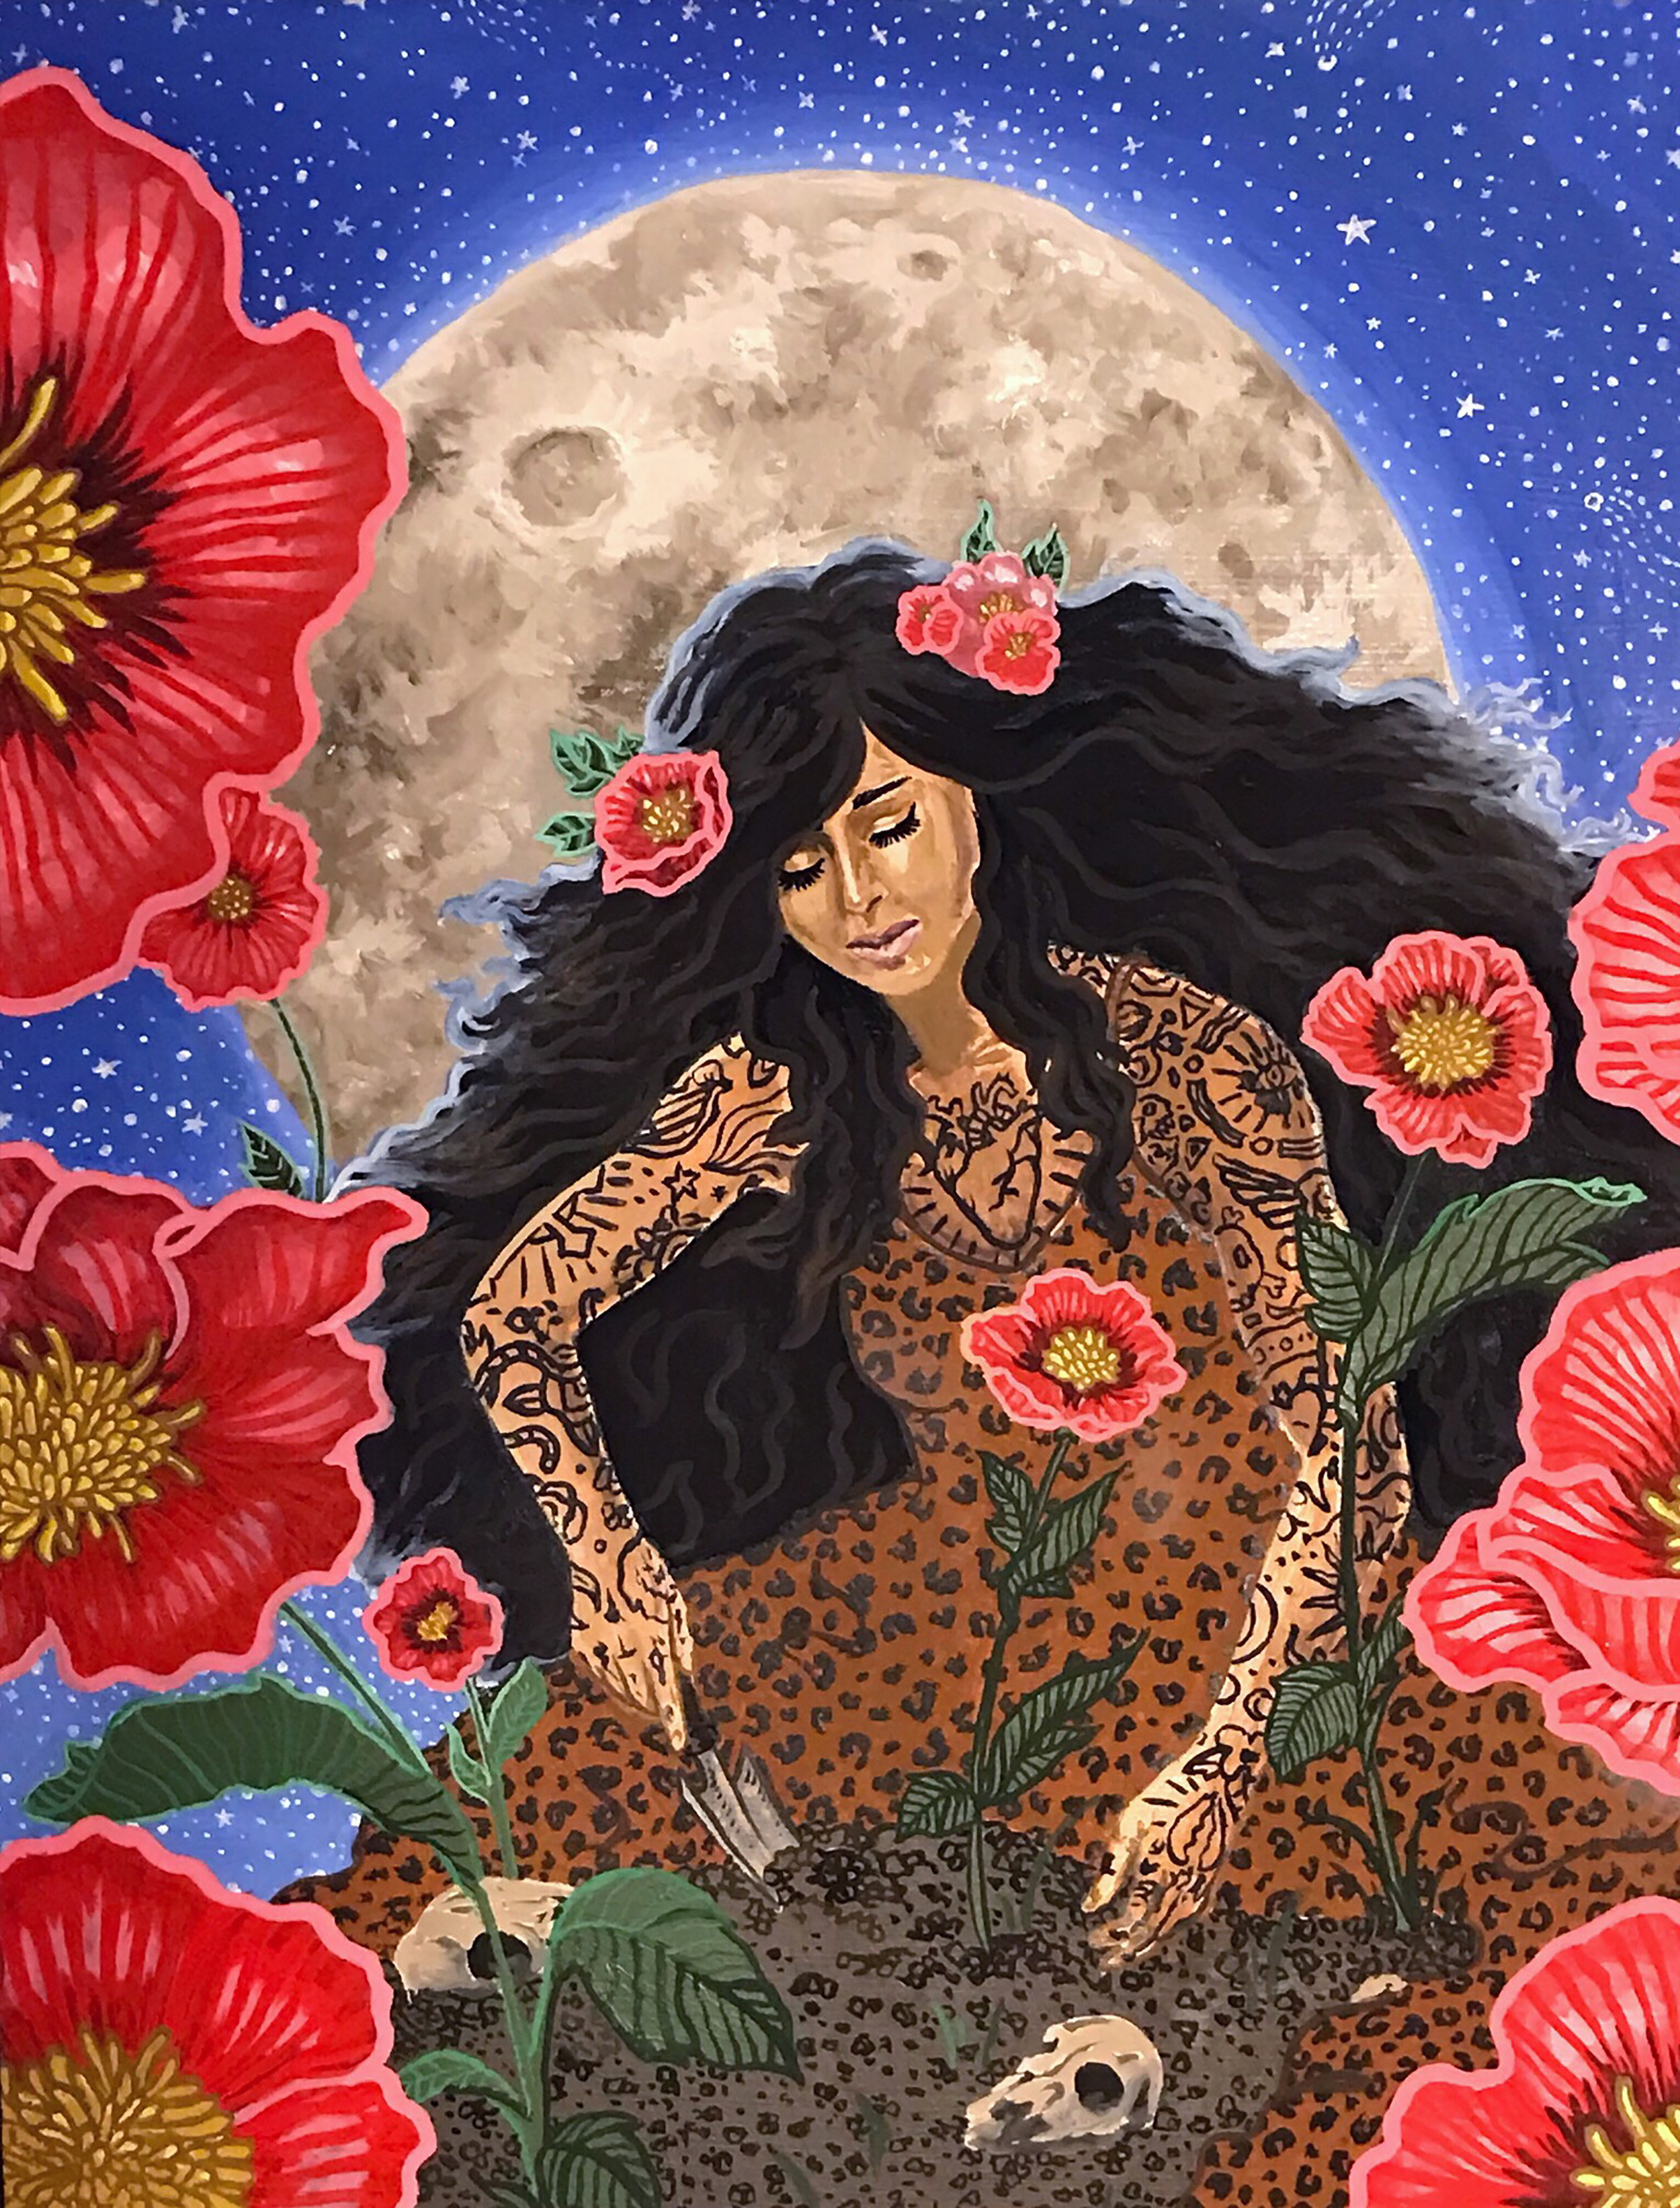 Jessica Violetta Ritual Original Painting 2019